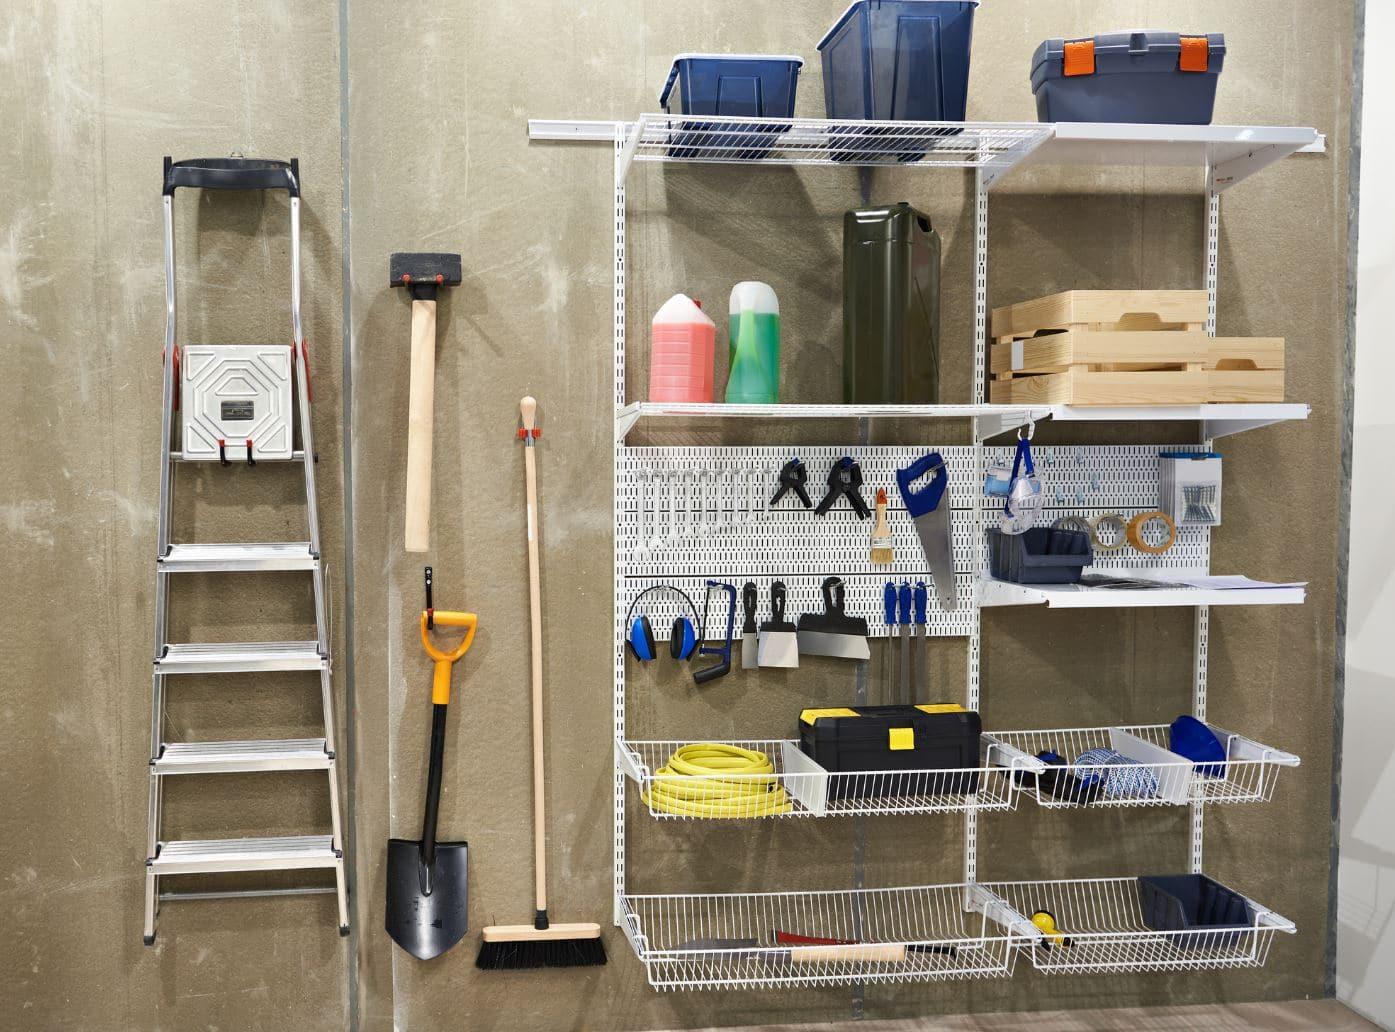 Comment Deplacer Un Meuble Lourd Sur Du Carrelage bien ranger ses outils de bricolage : comment faire ?